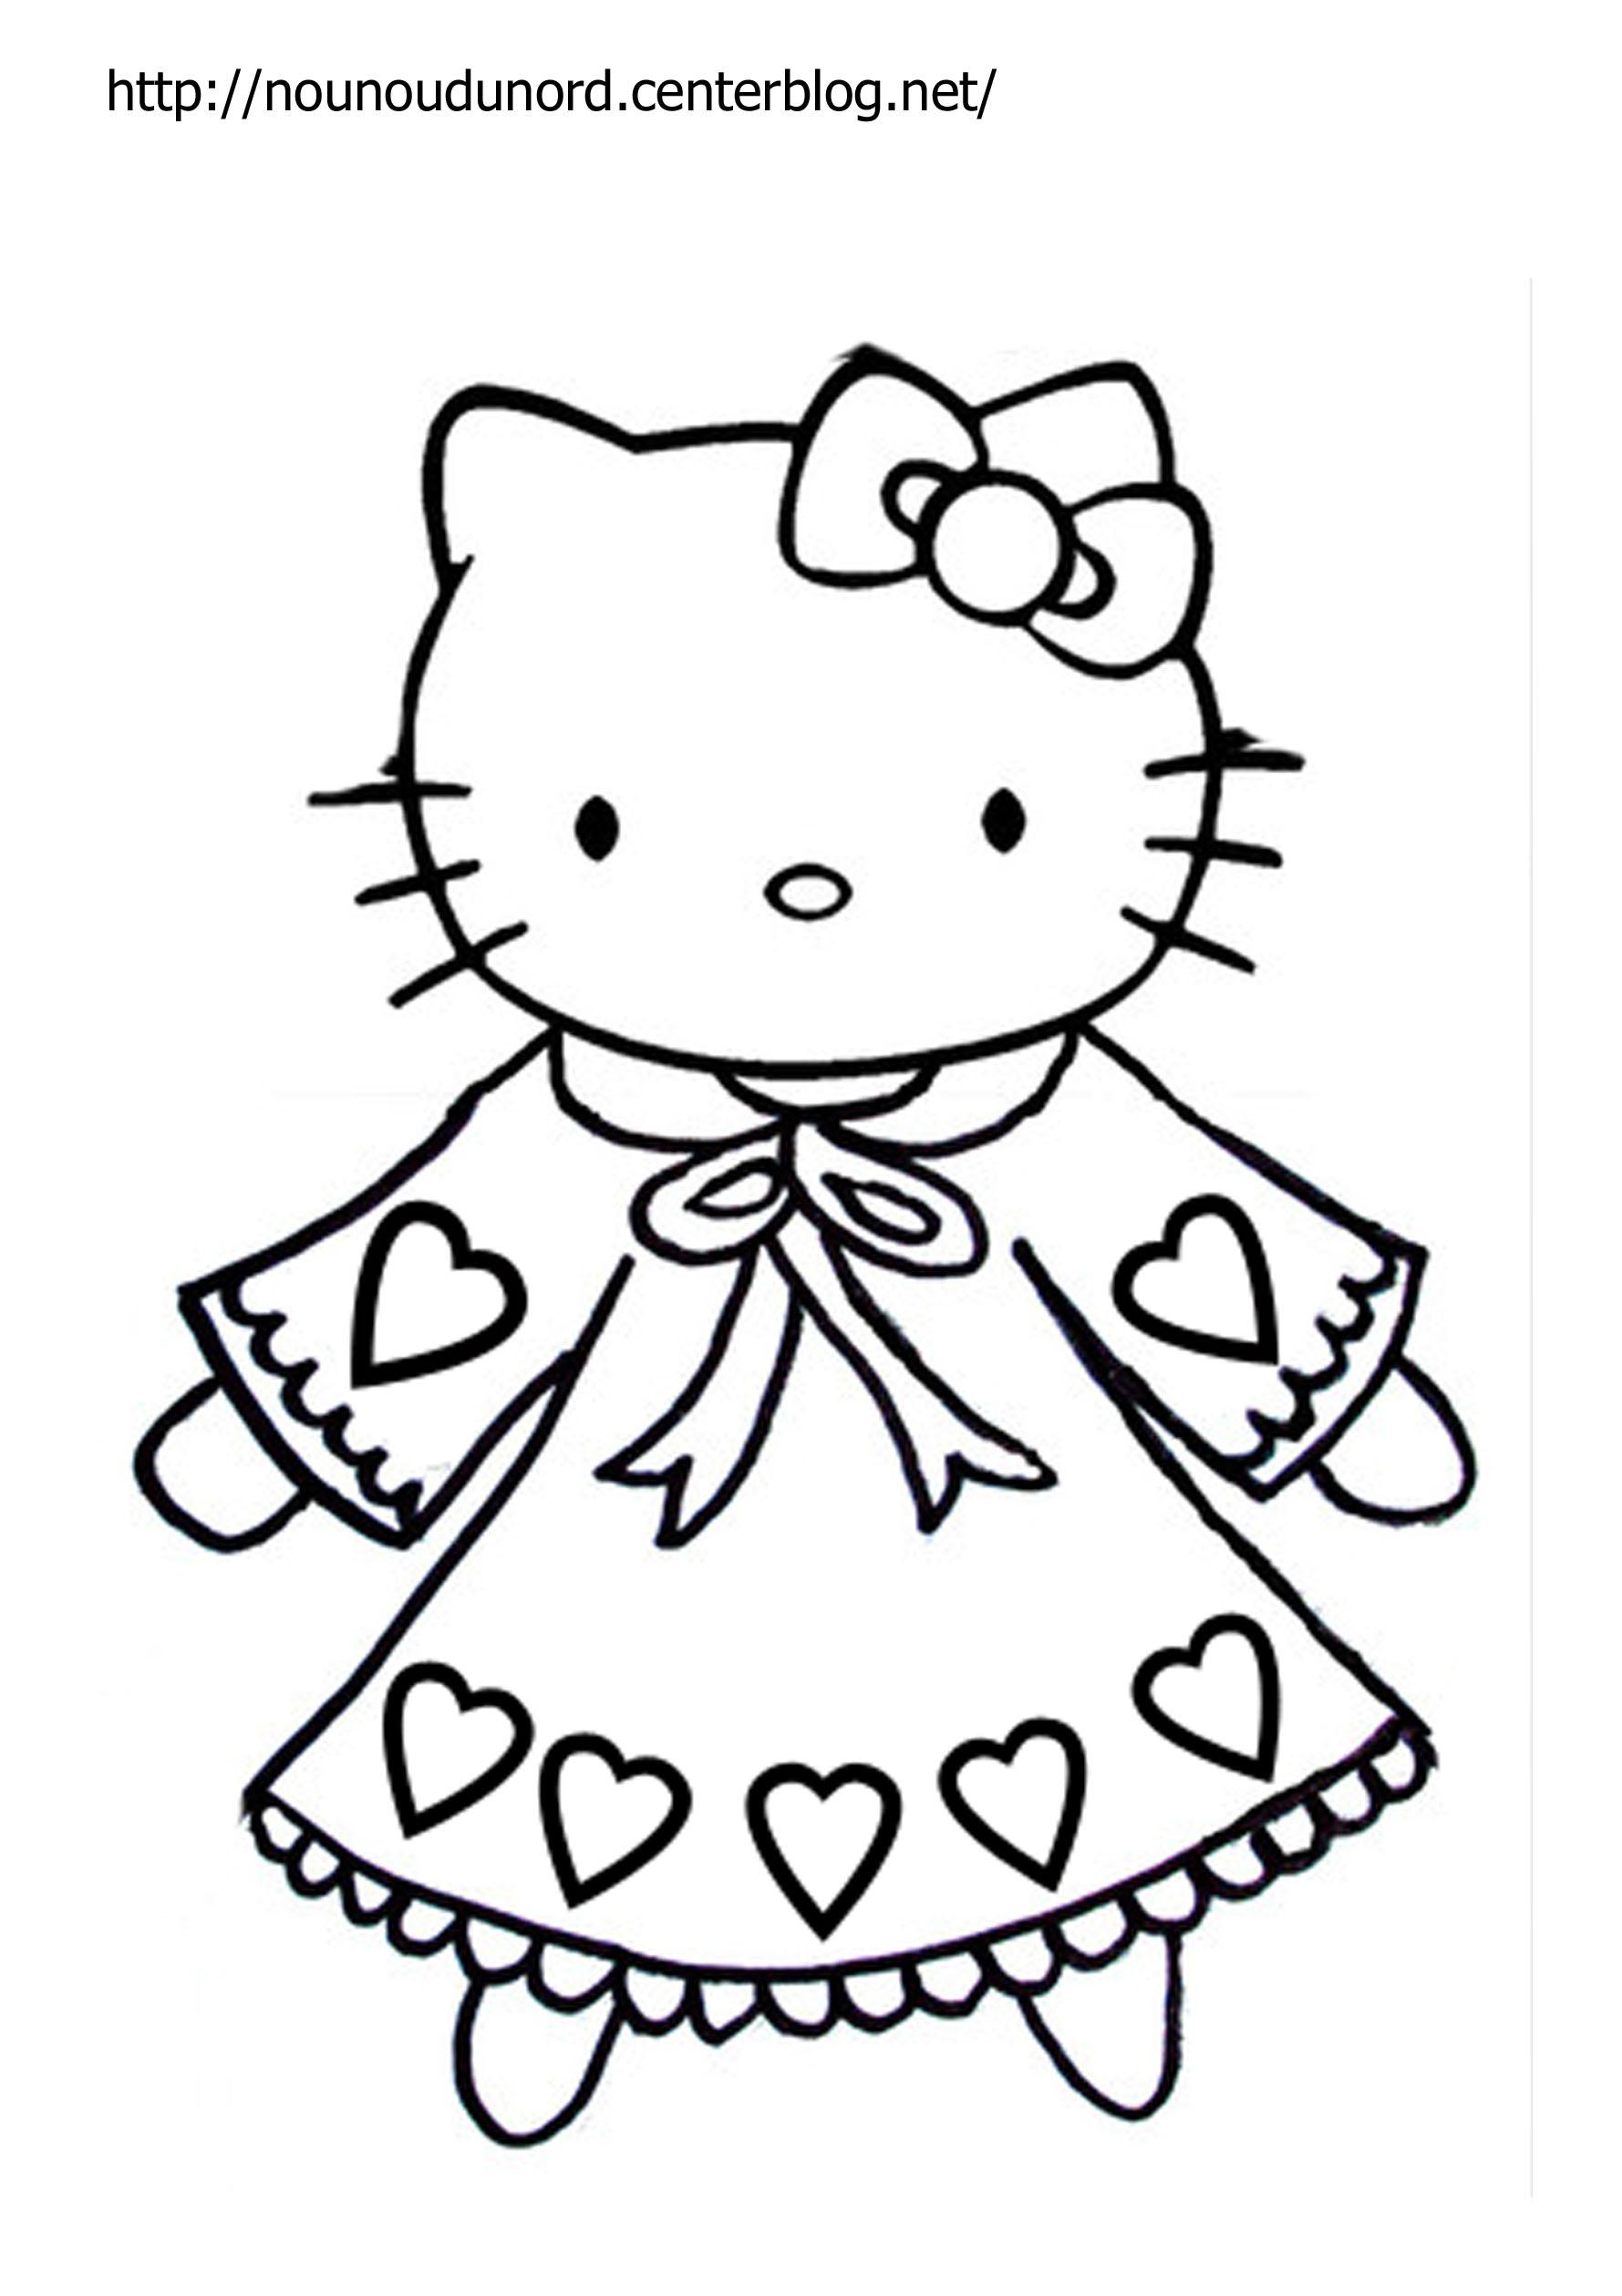 129 Dessins De Coloriage À Imprimer À Imprimer avec Coloriage A Imprimer Hello Kitty